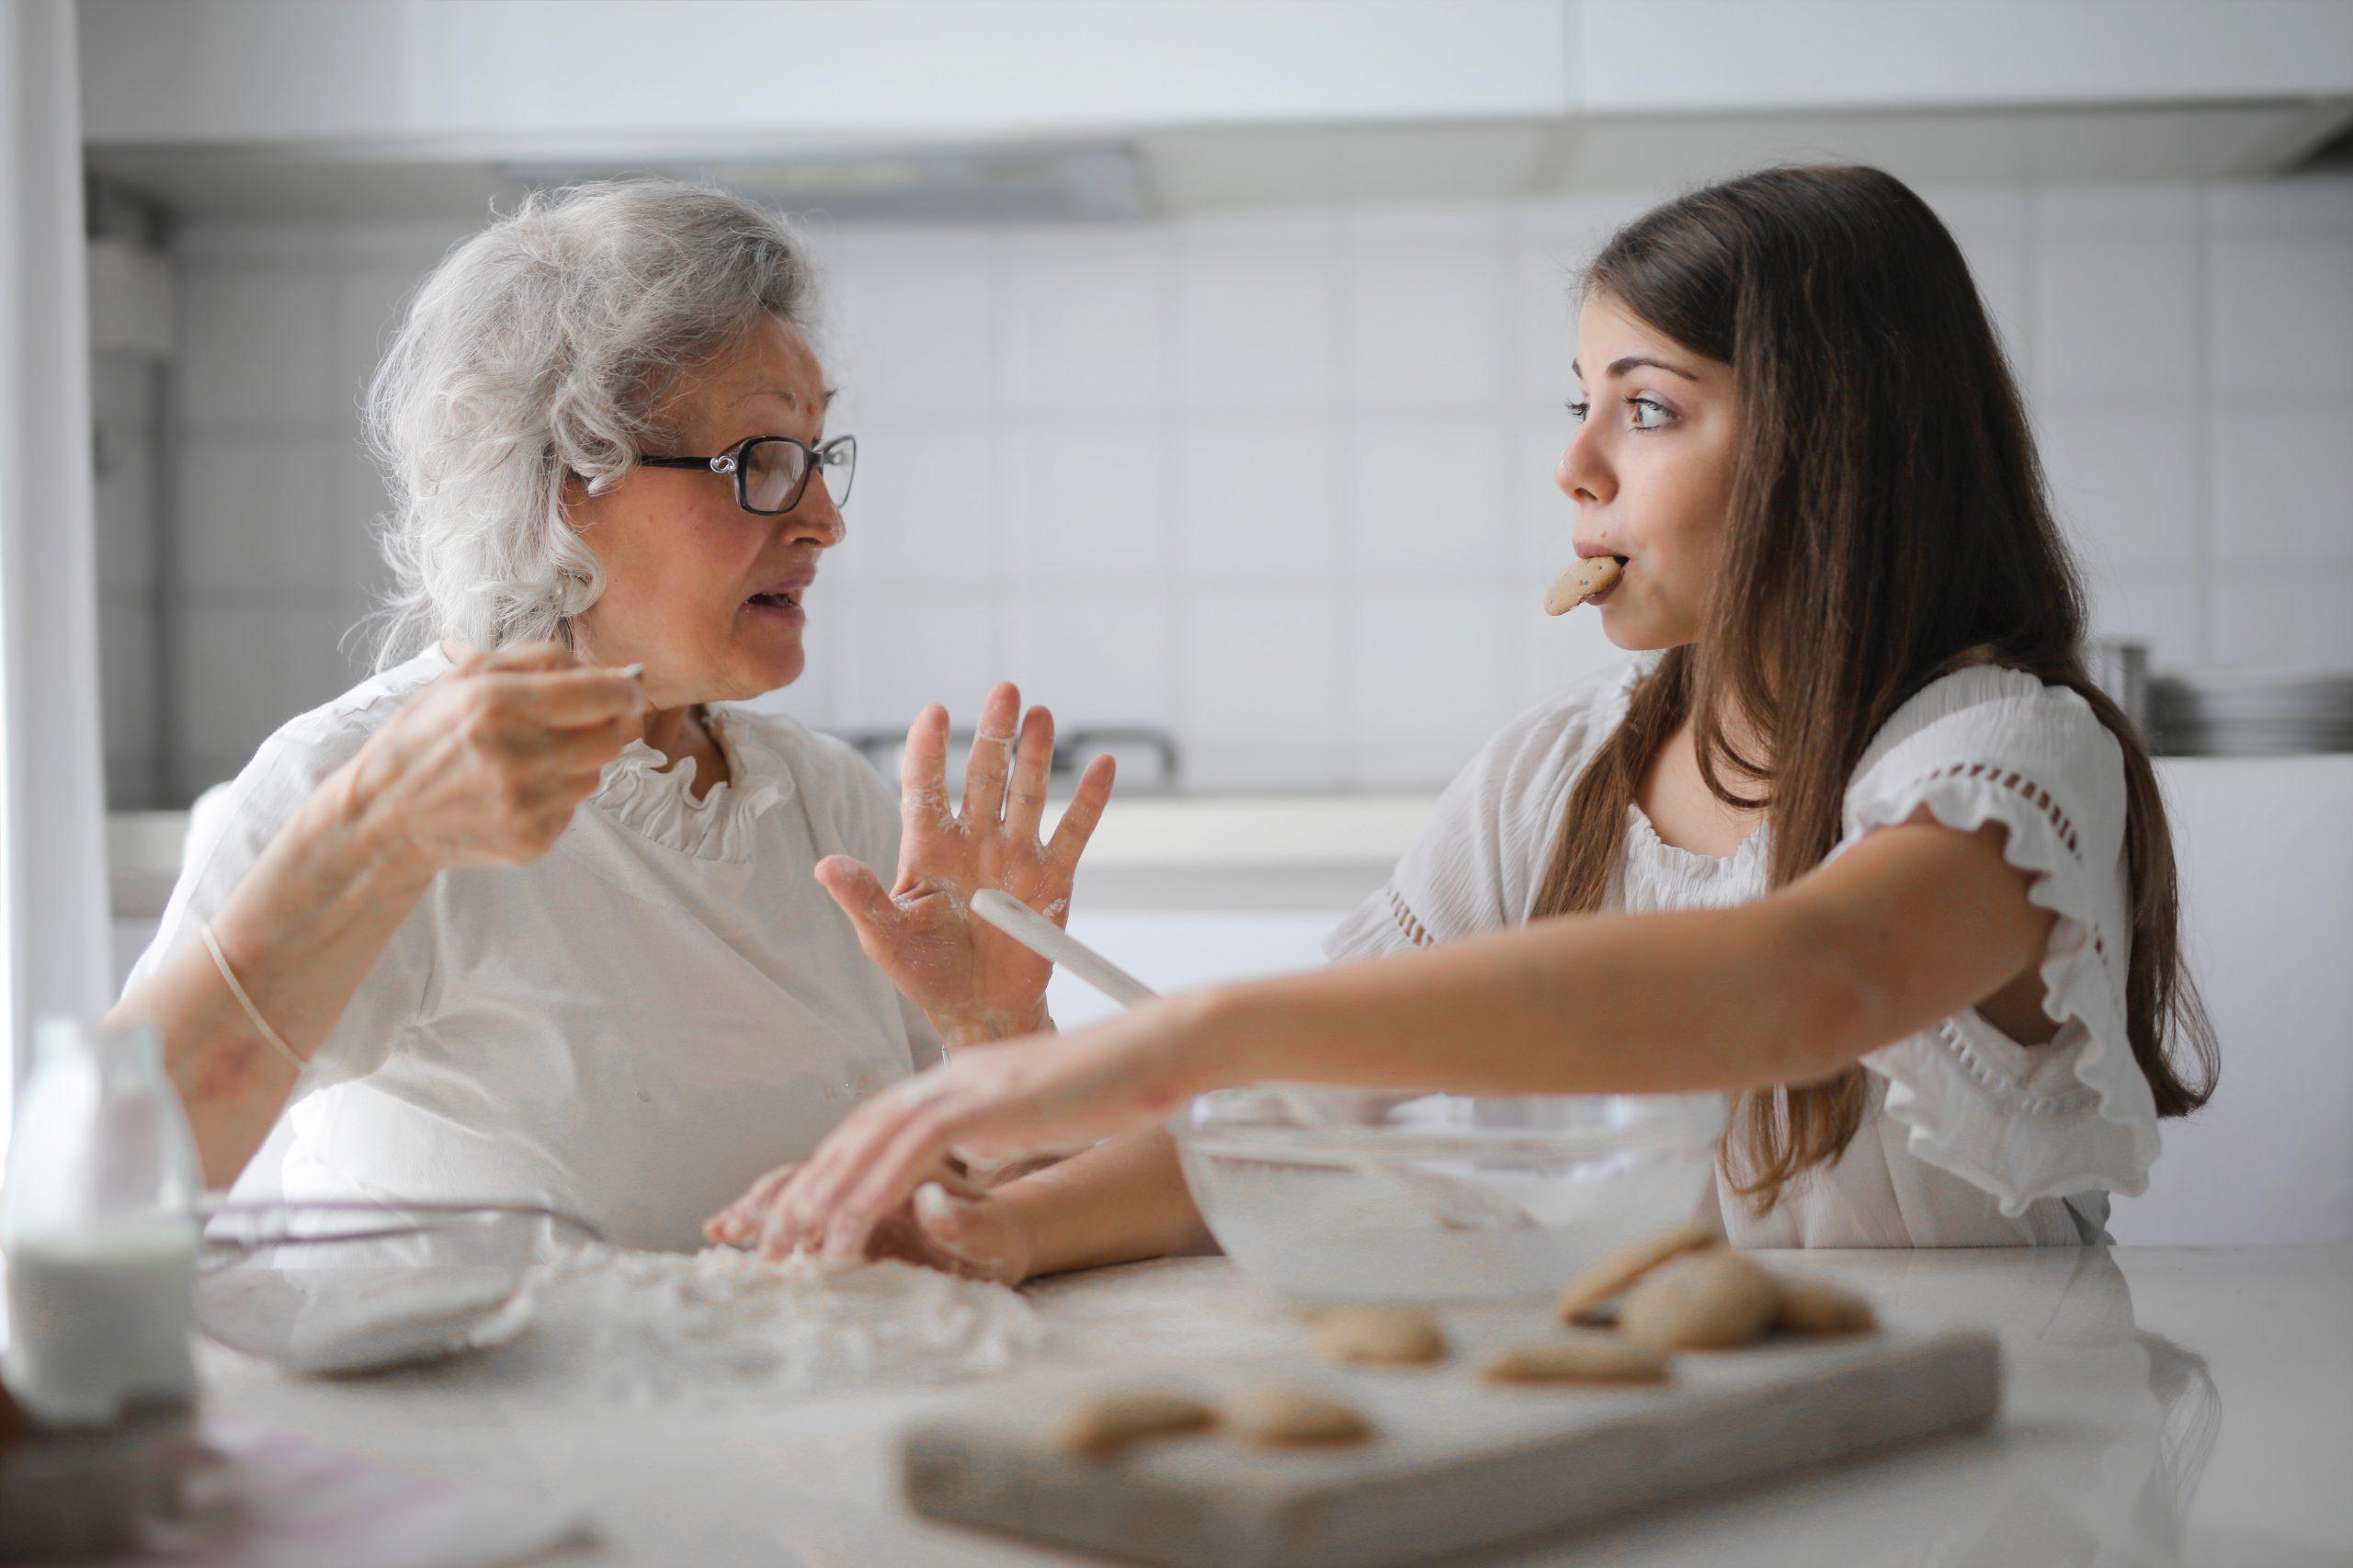 Dieta dla seniora – co powinno znaleźć się w diecie osoby starszej